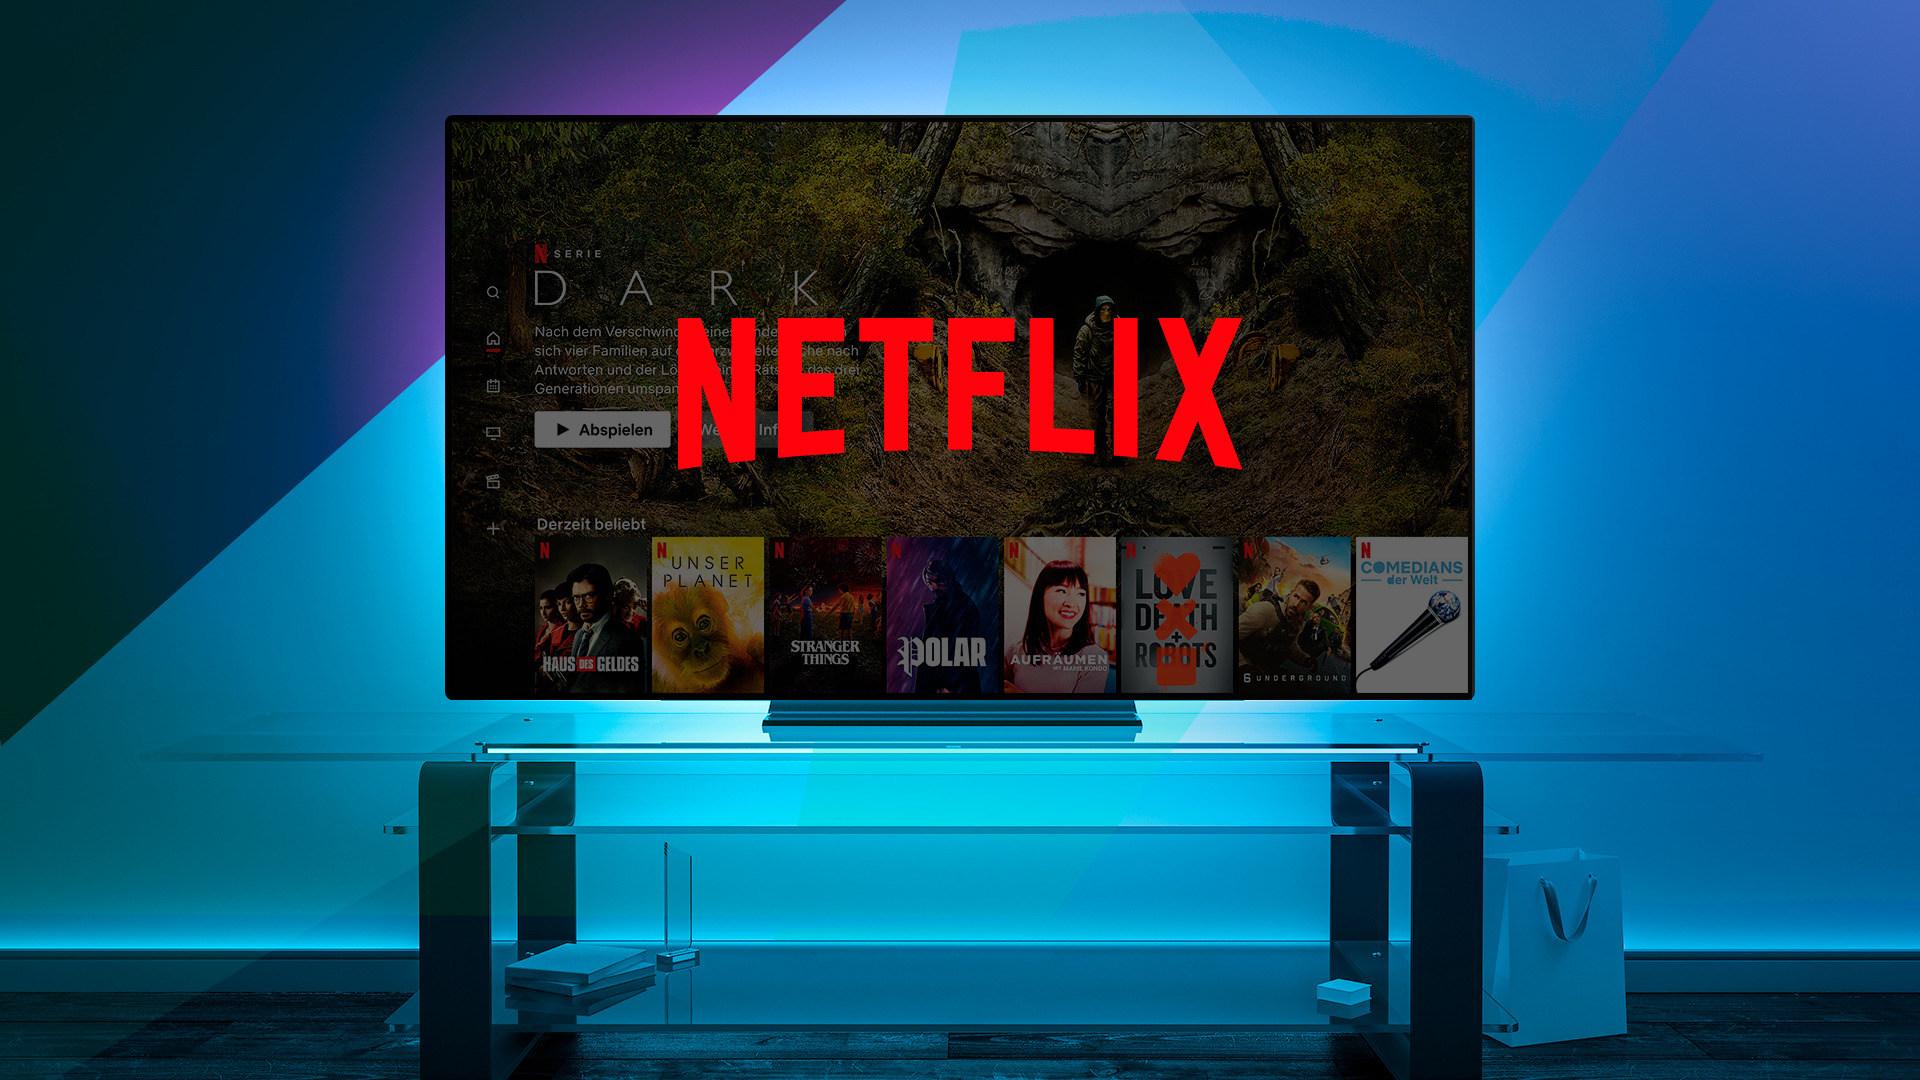 Streaming, Video, Logo, Tv, Fernsehen, Netflix, Stream, Videoplattform, Serie, Filme, Serien, Streamingportal, Videostreaming, Netflix Deutschland, Binge Watching